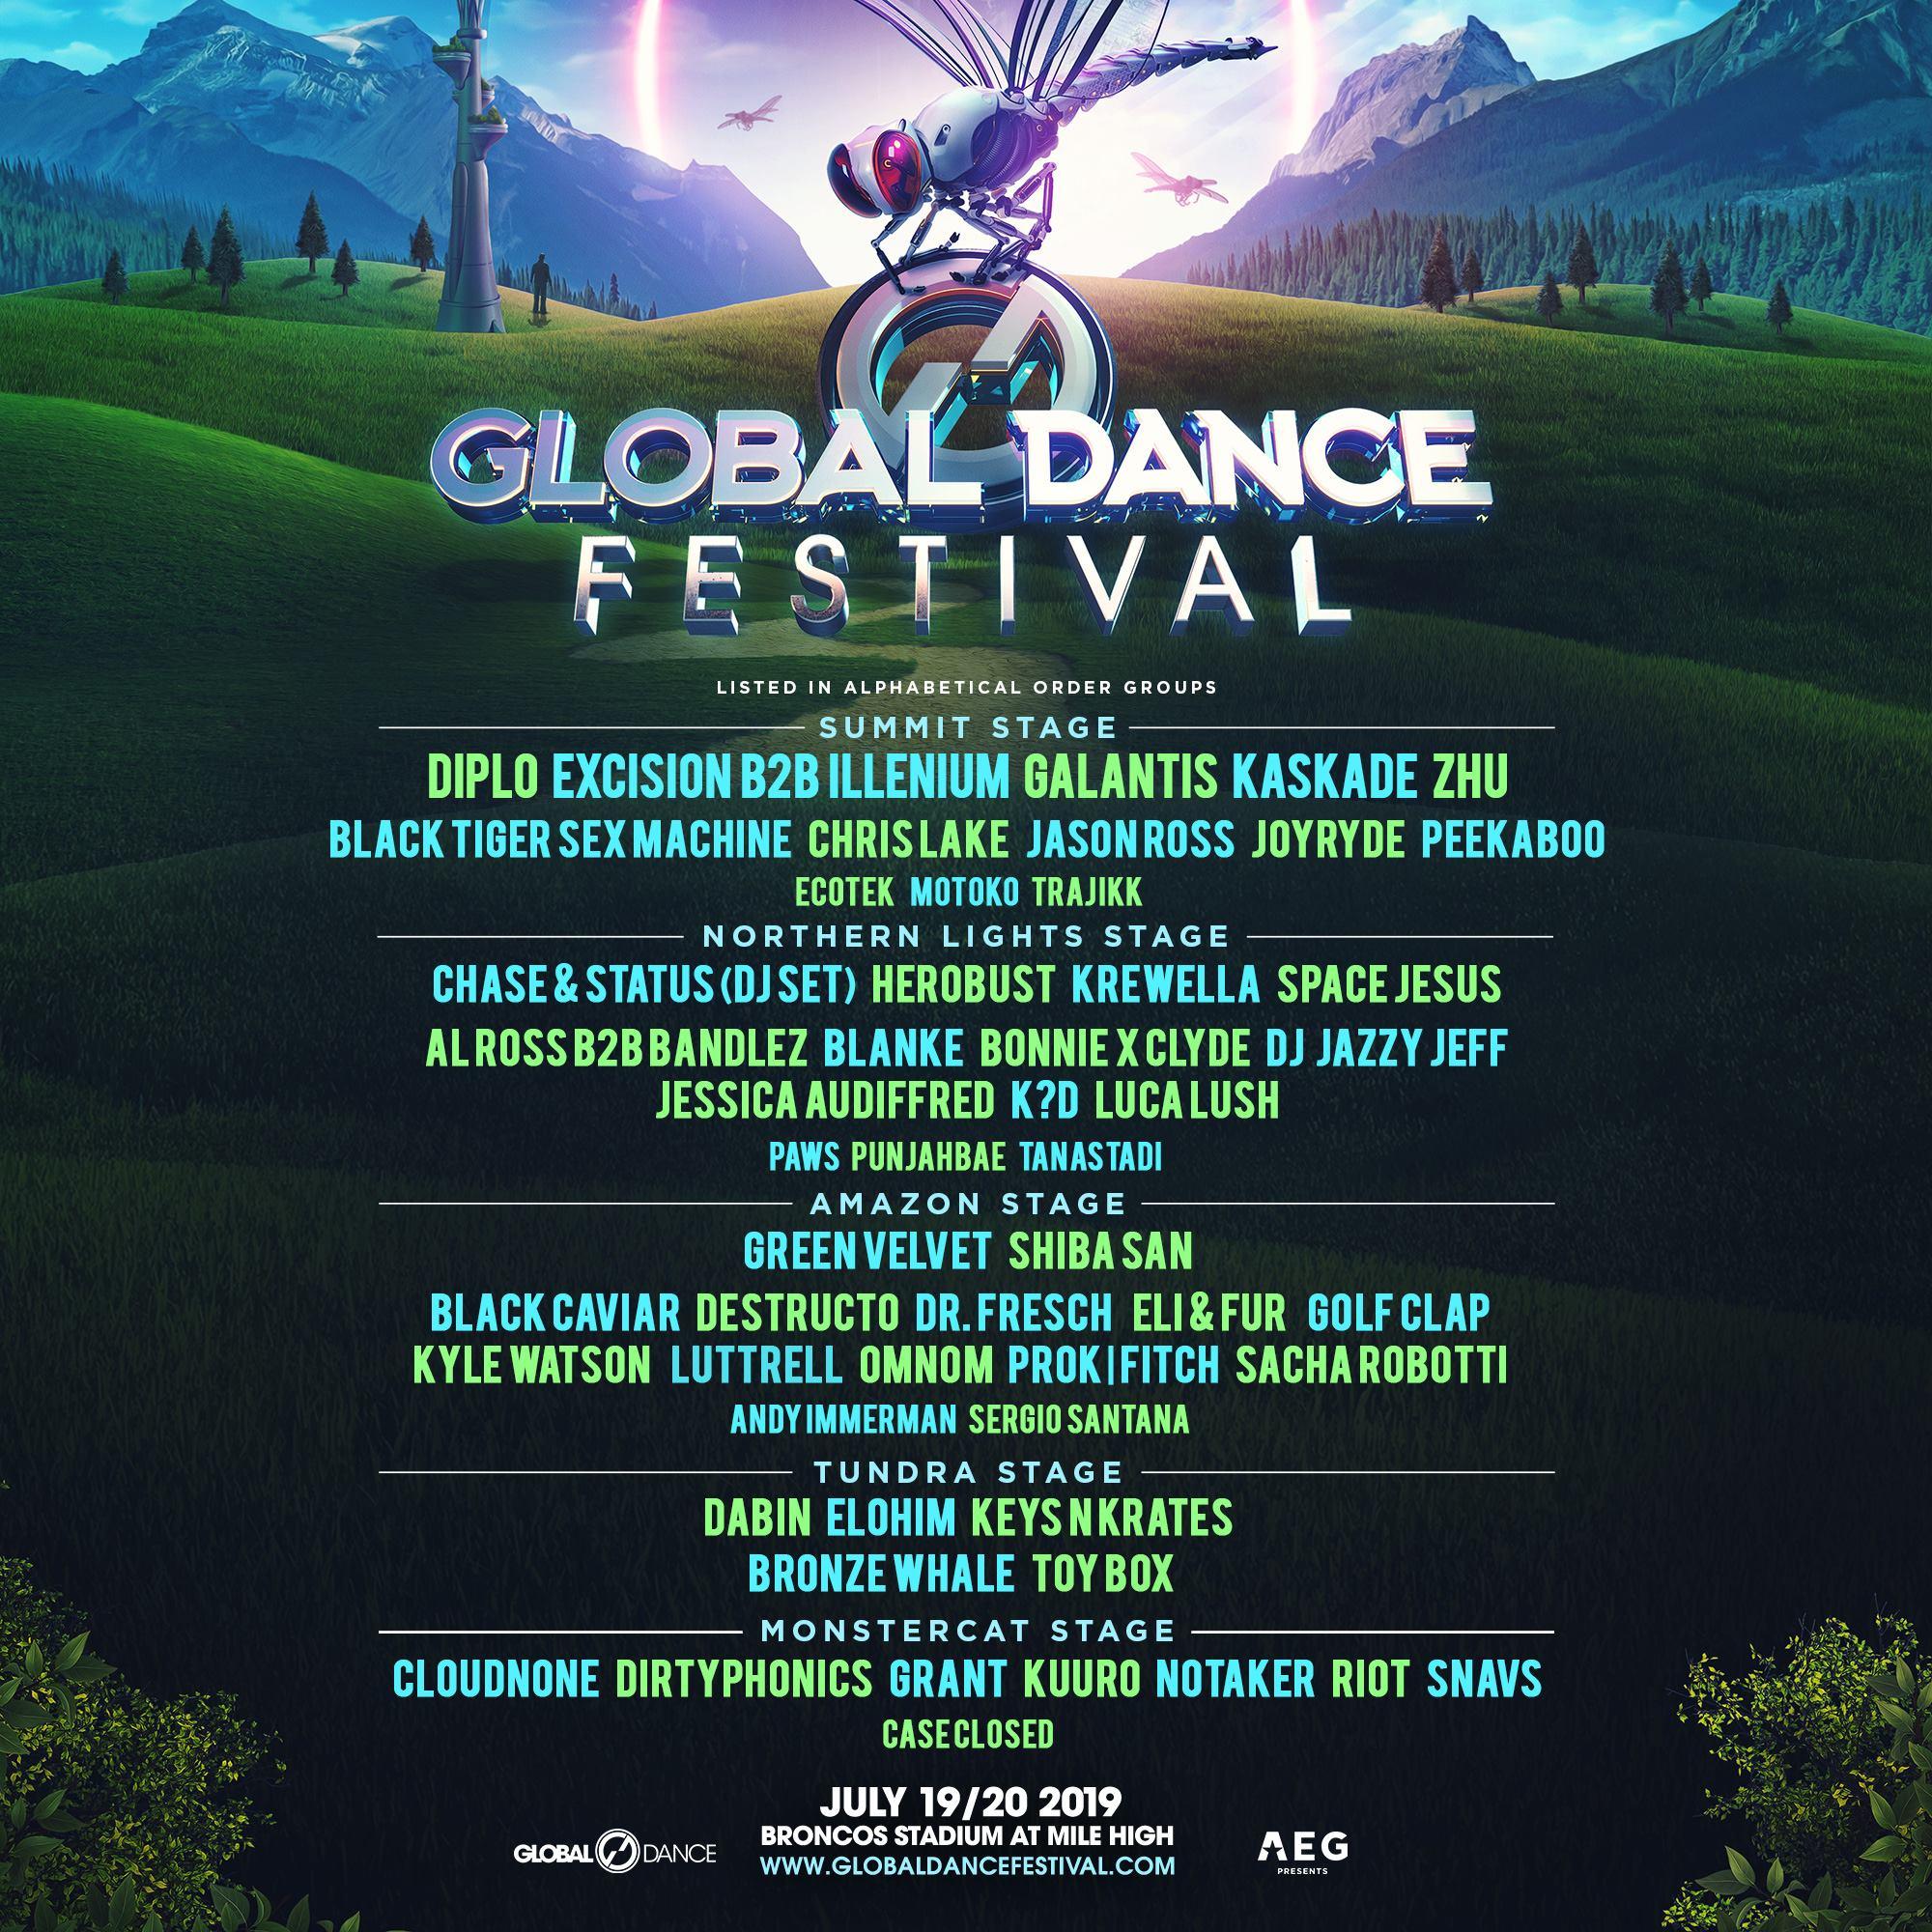 Festival: Global Dance Festival